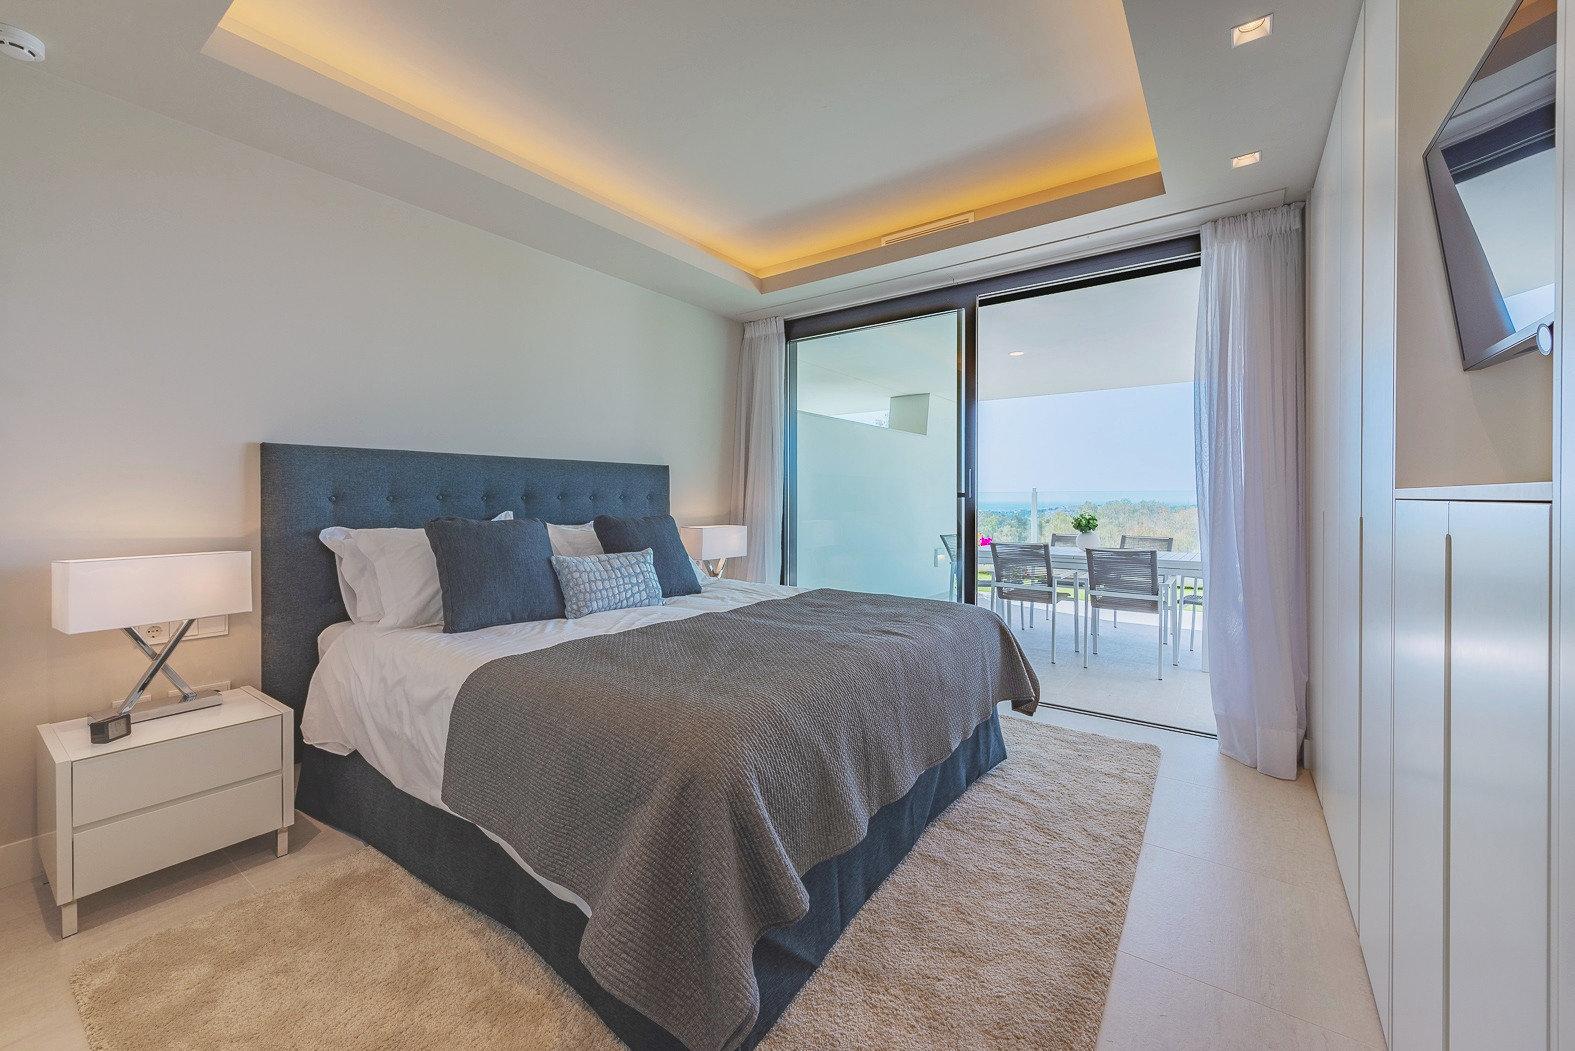 Interior Schlafzimmer mit Ausblick und Zugang zur Terasse.